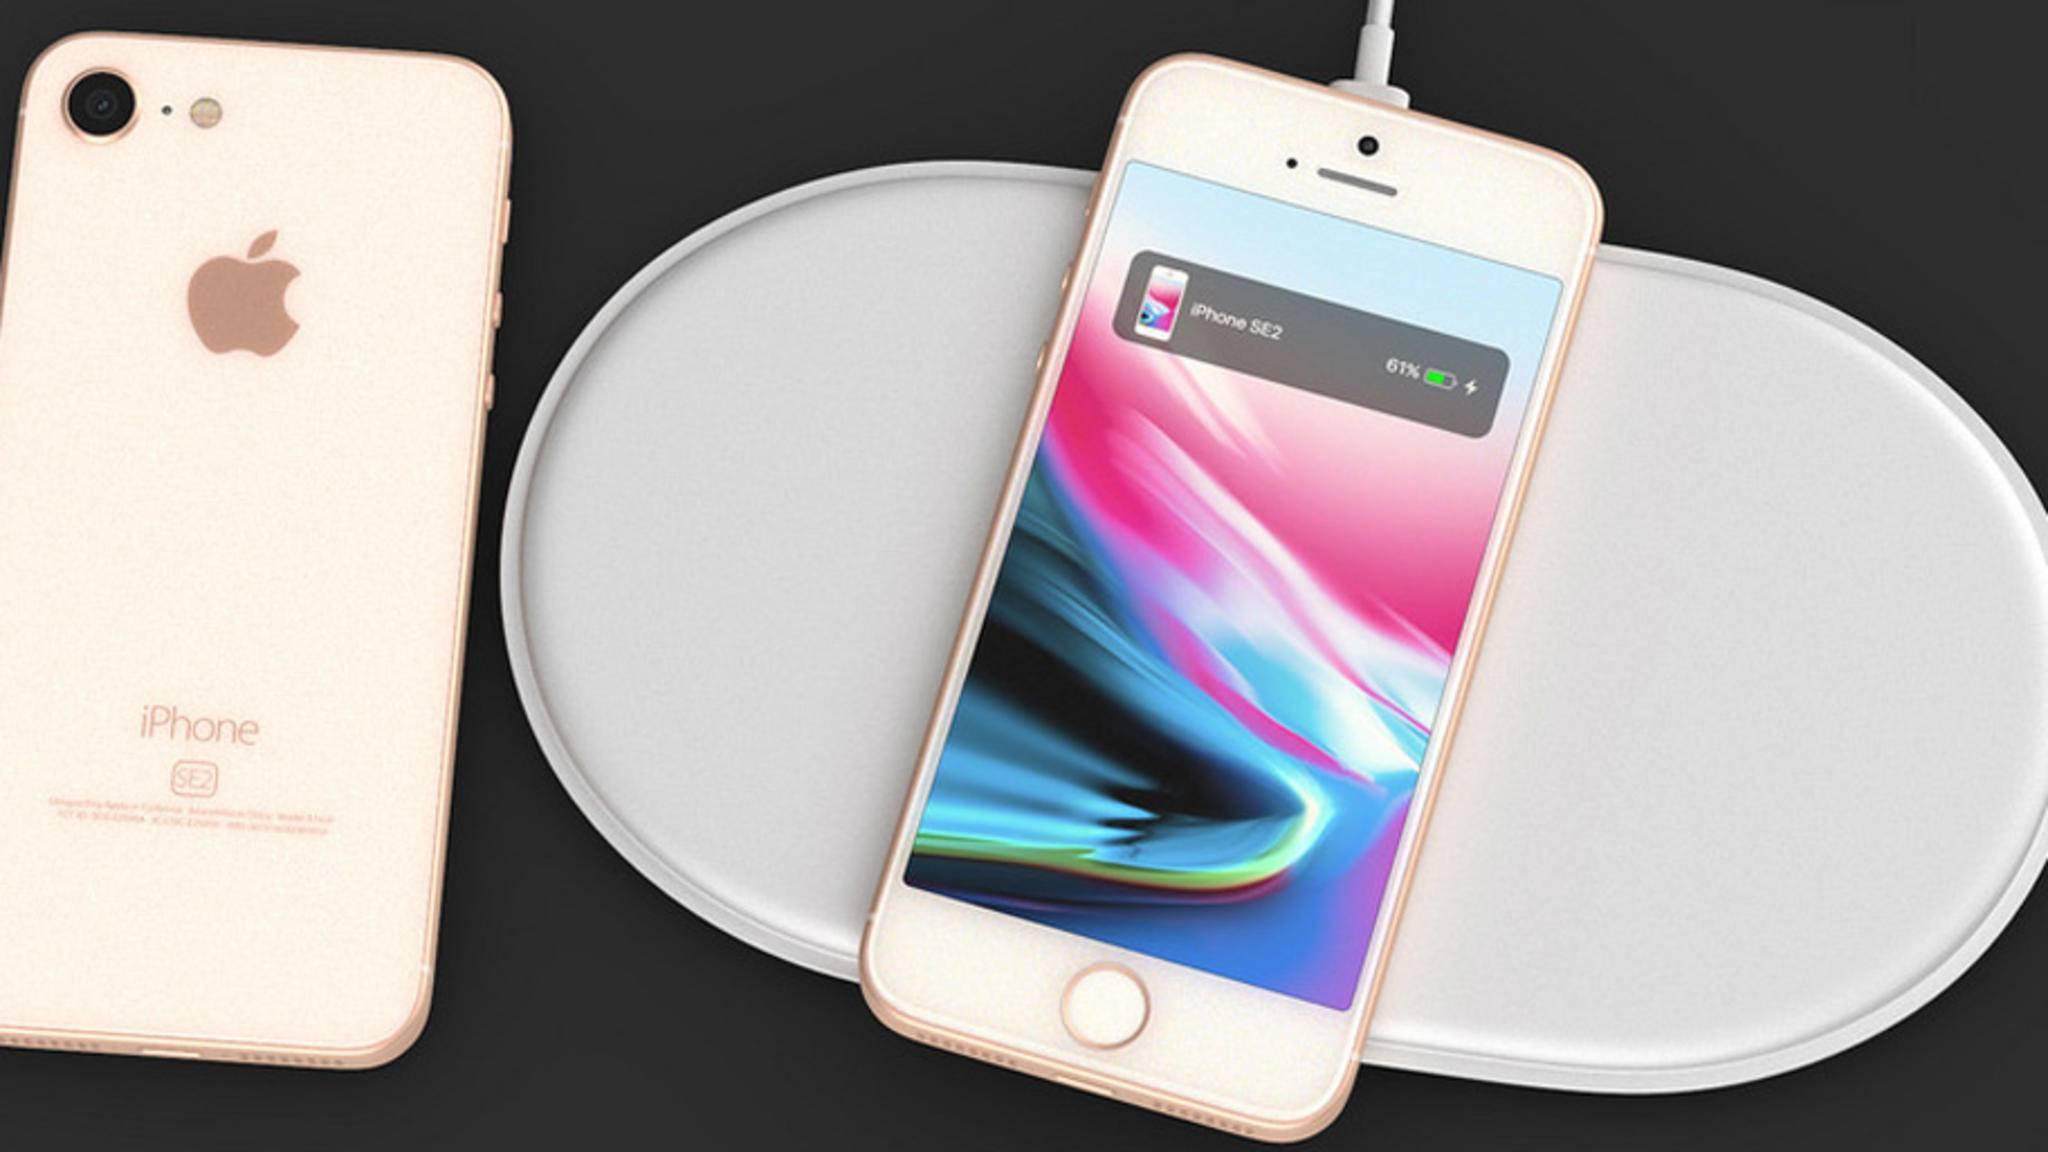 Die zweite Generation des iPhone SE soll angeblich noch auf sich warten lassen.